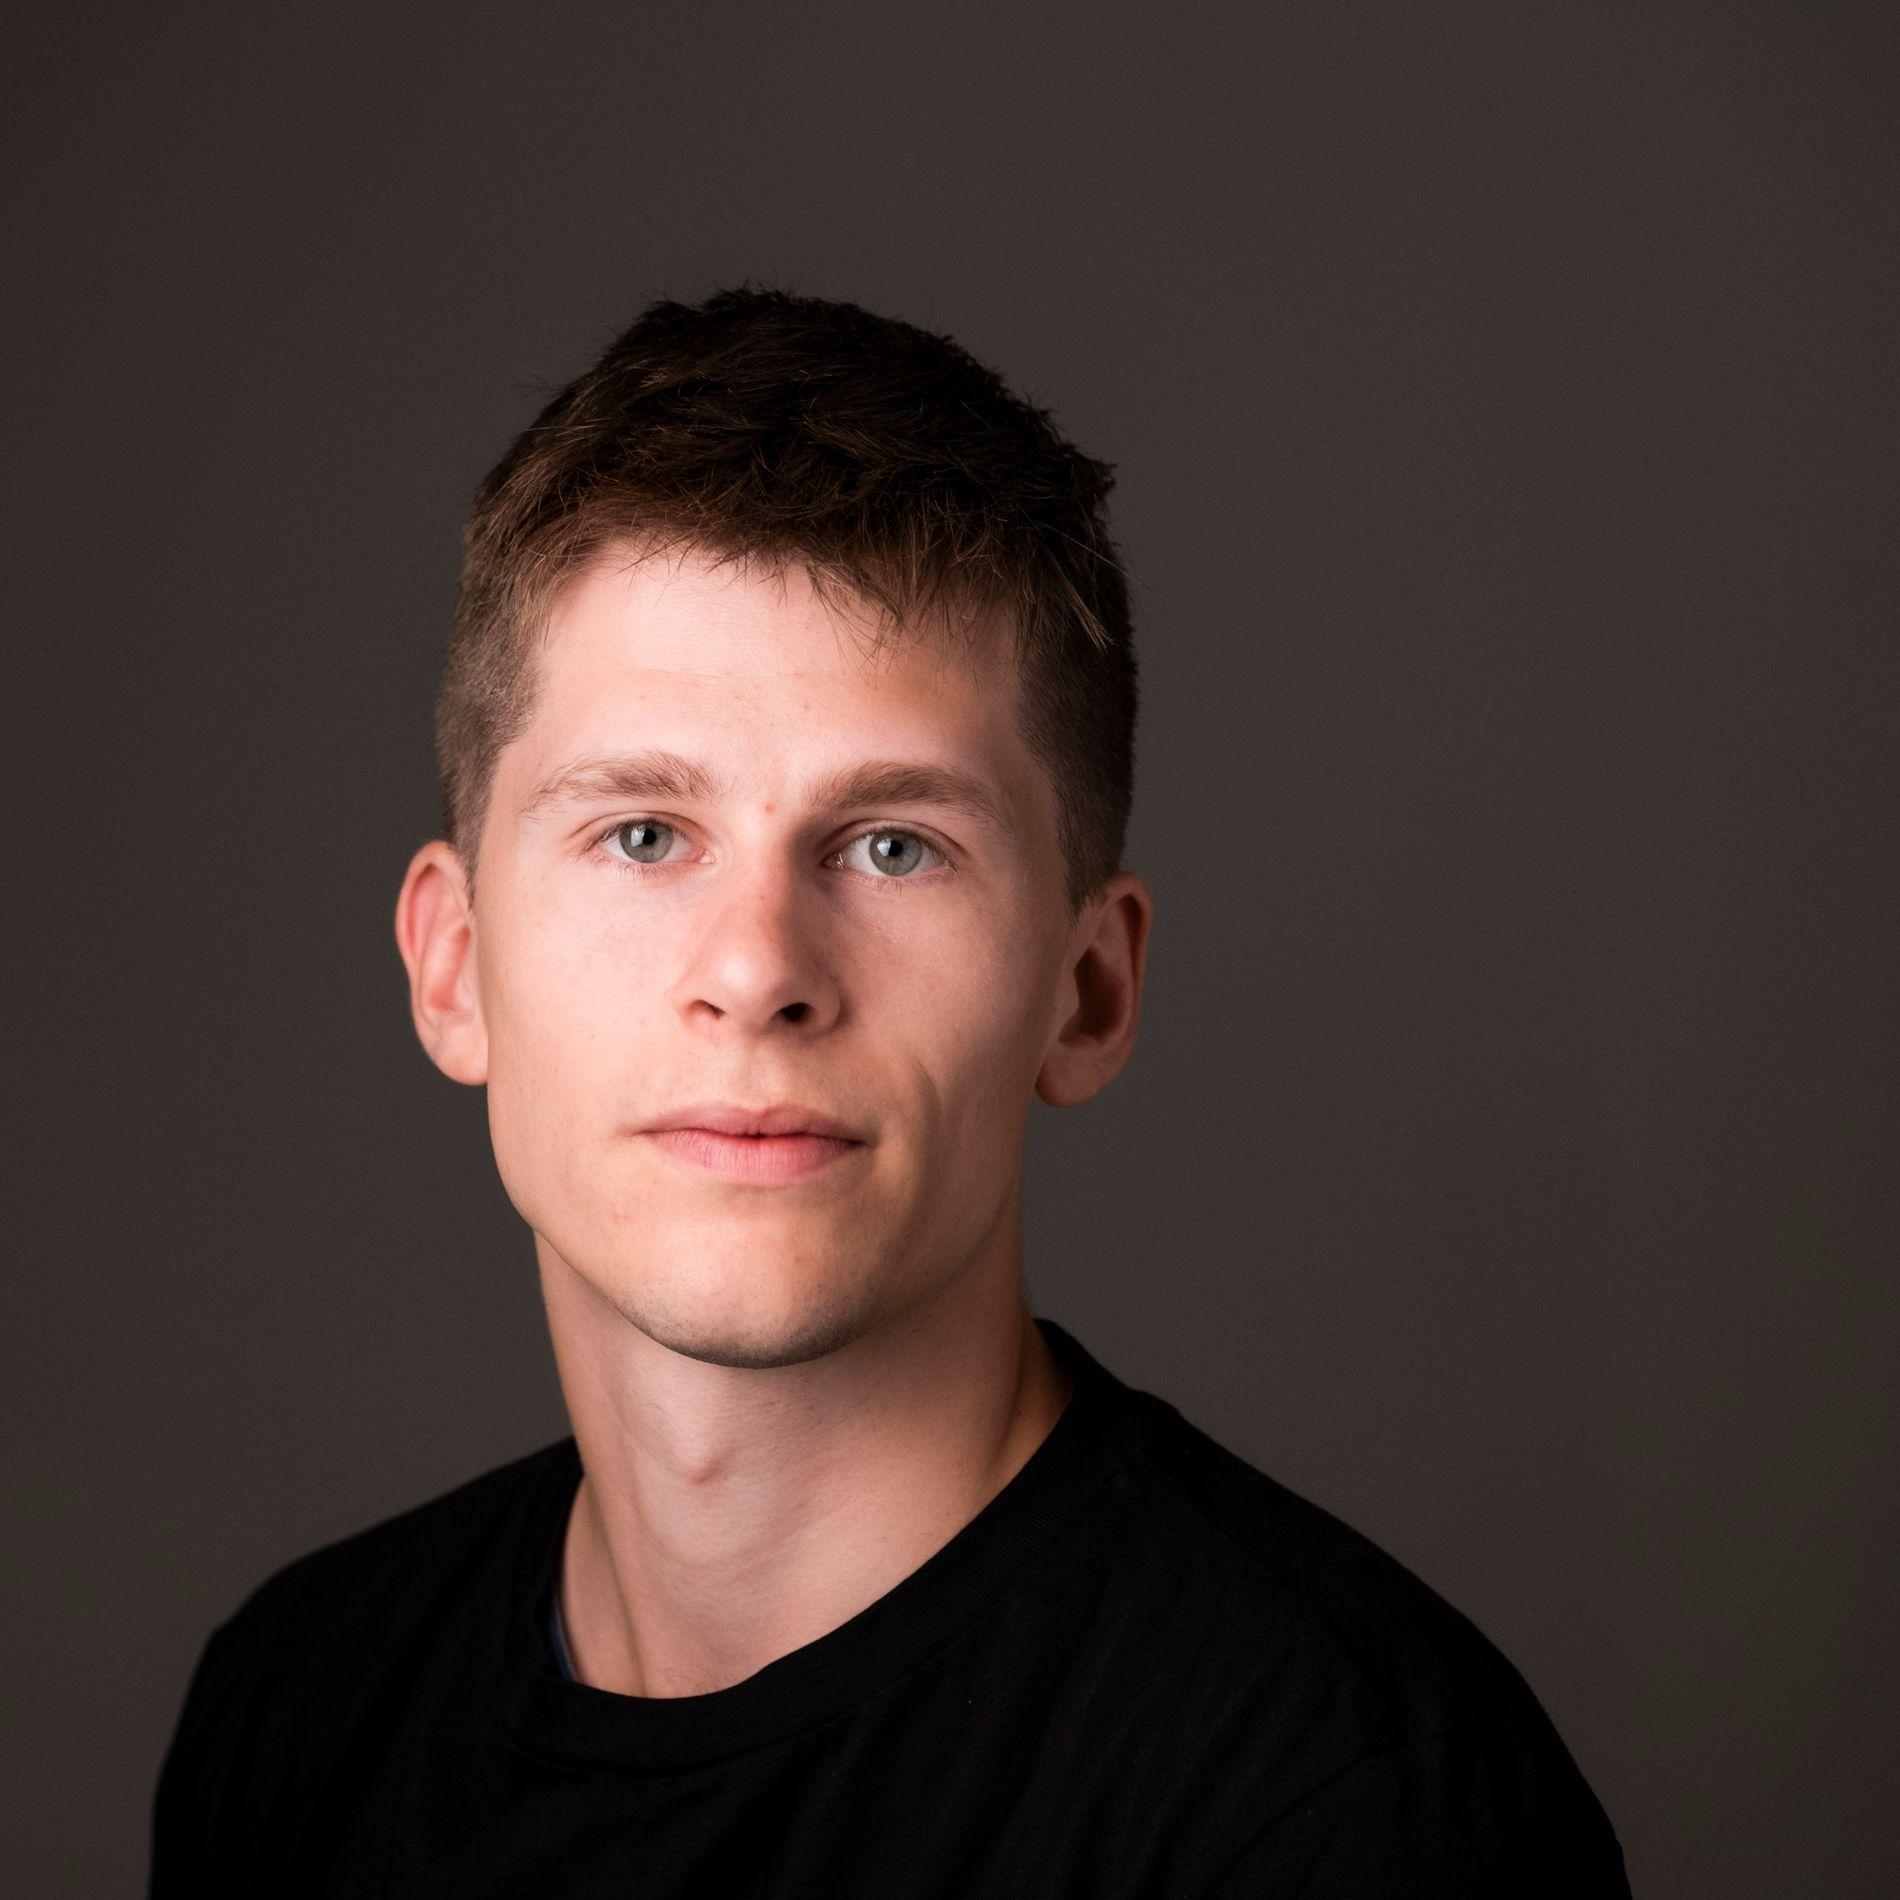 Tor-Arne Vikingstad